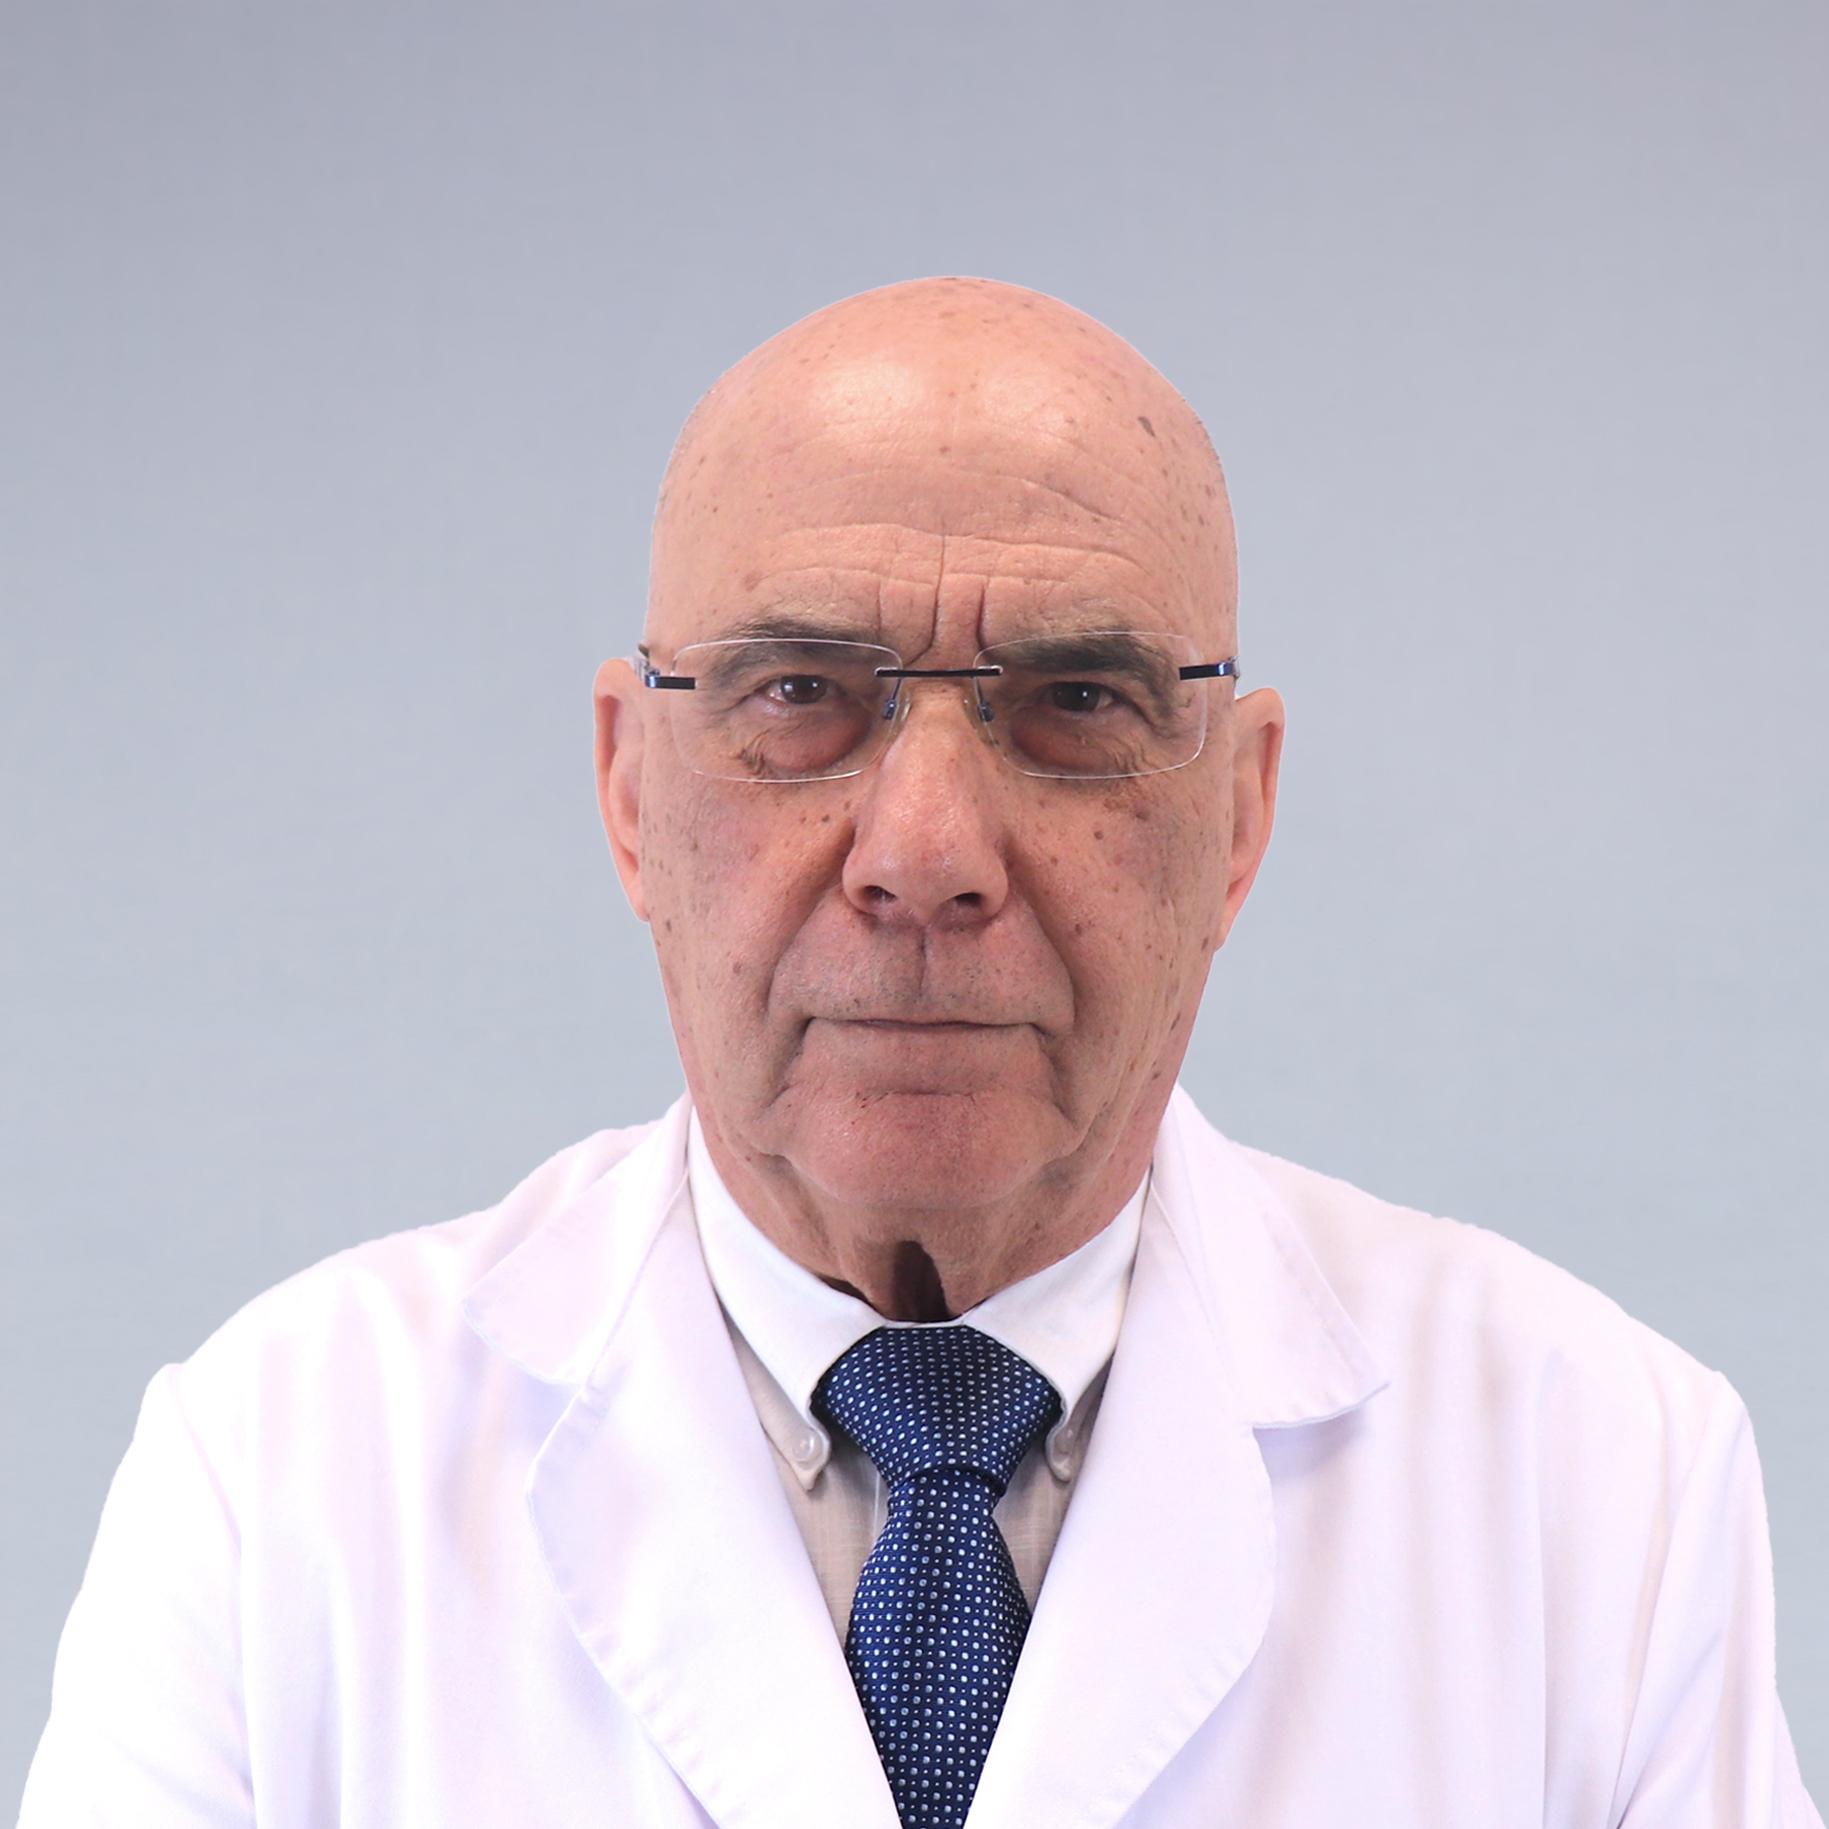 José Francisco Ortega Ojeda